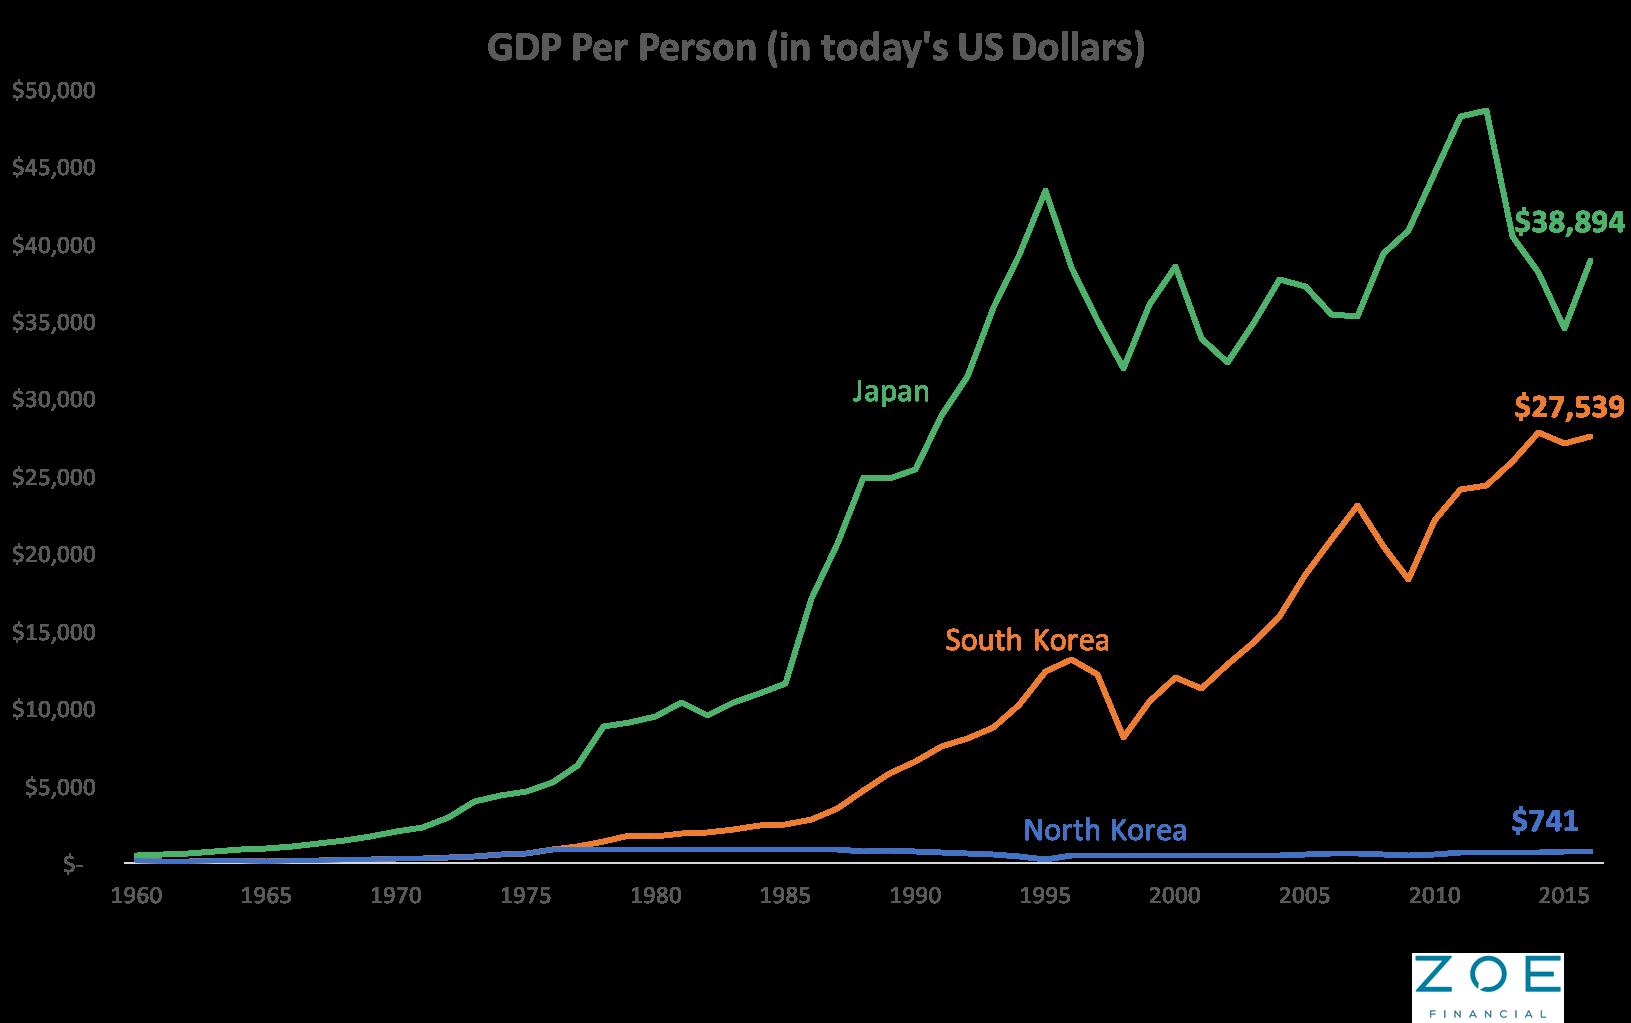 GDP per capita North Korea Blog 1.png